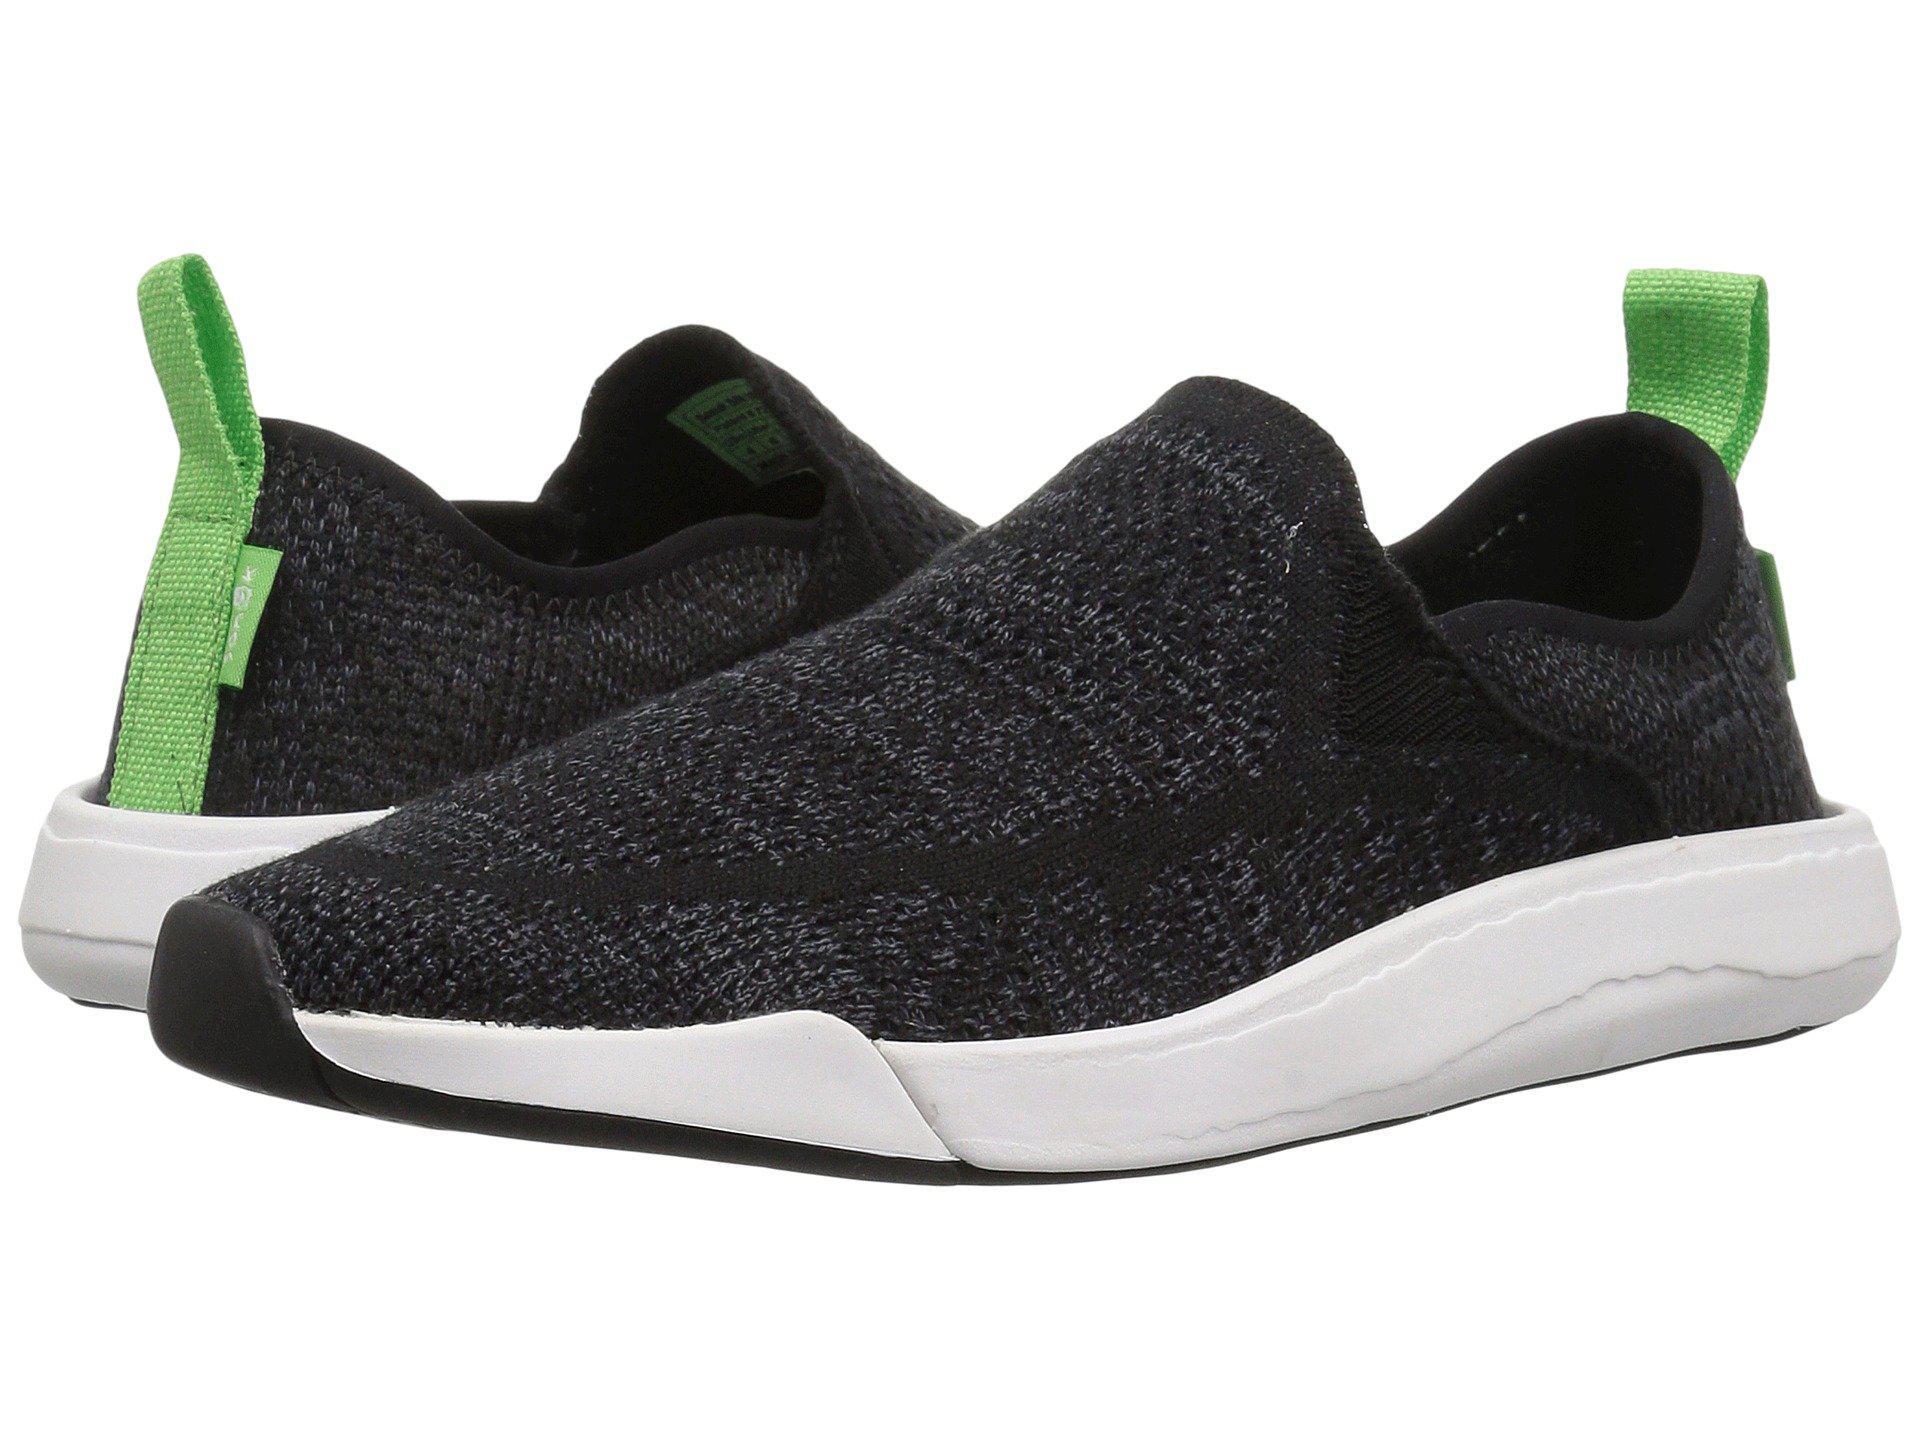 Fußboden Günstig Quest ~ Billig besten chiba quest sneaker low black freies verschiffen